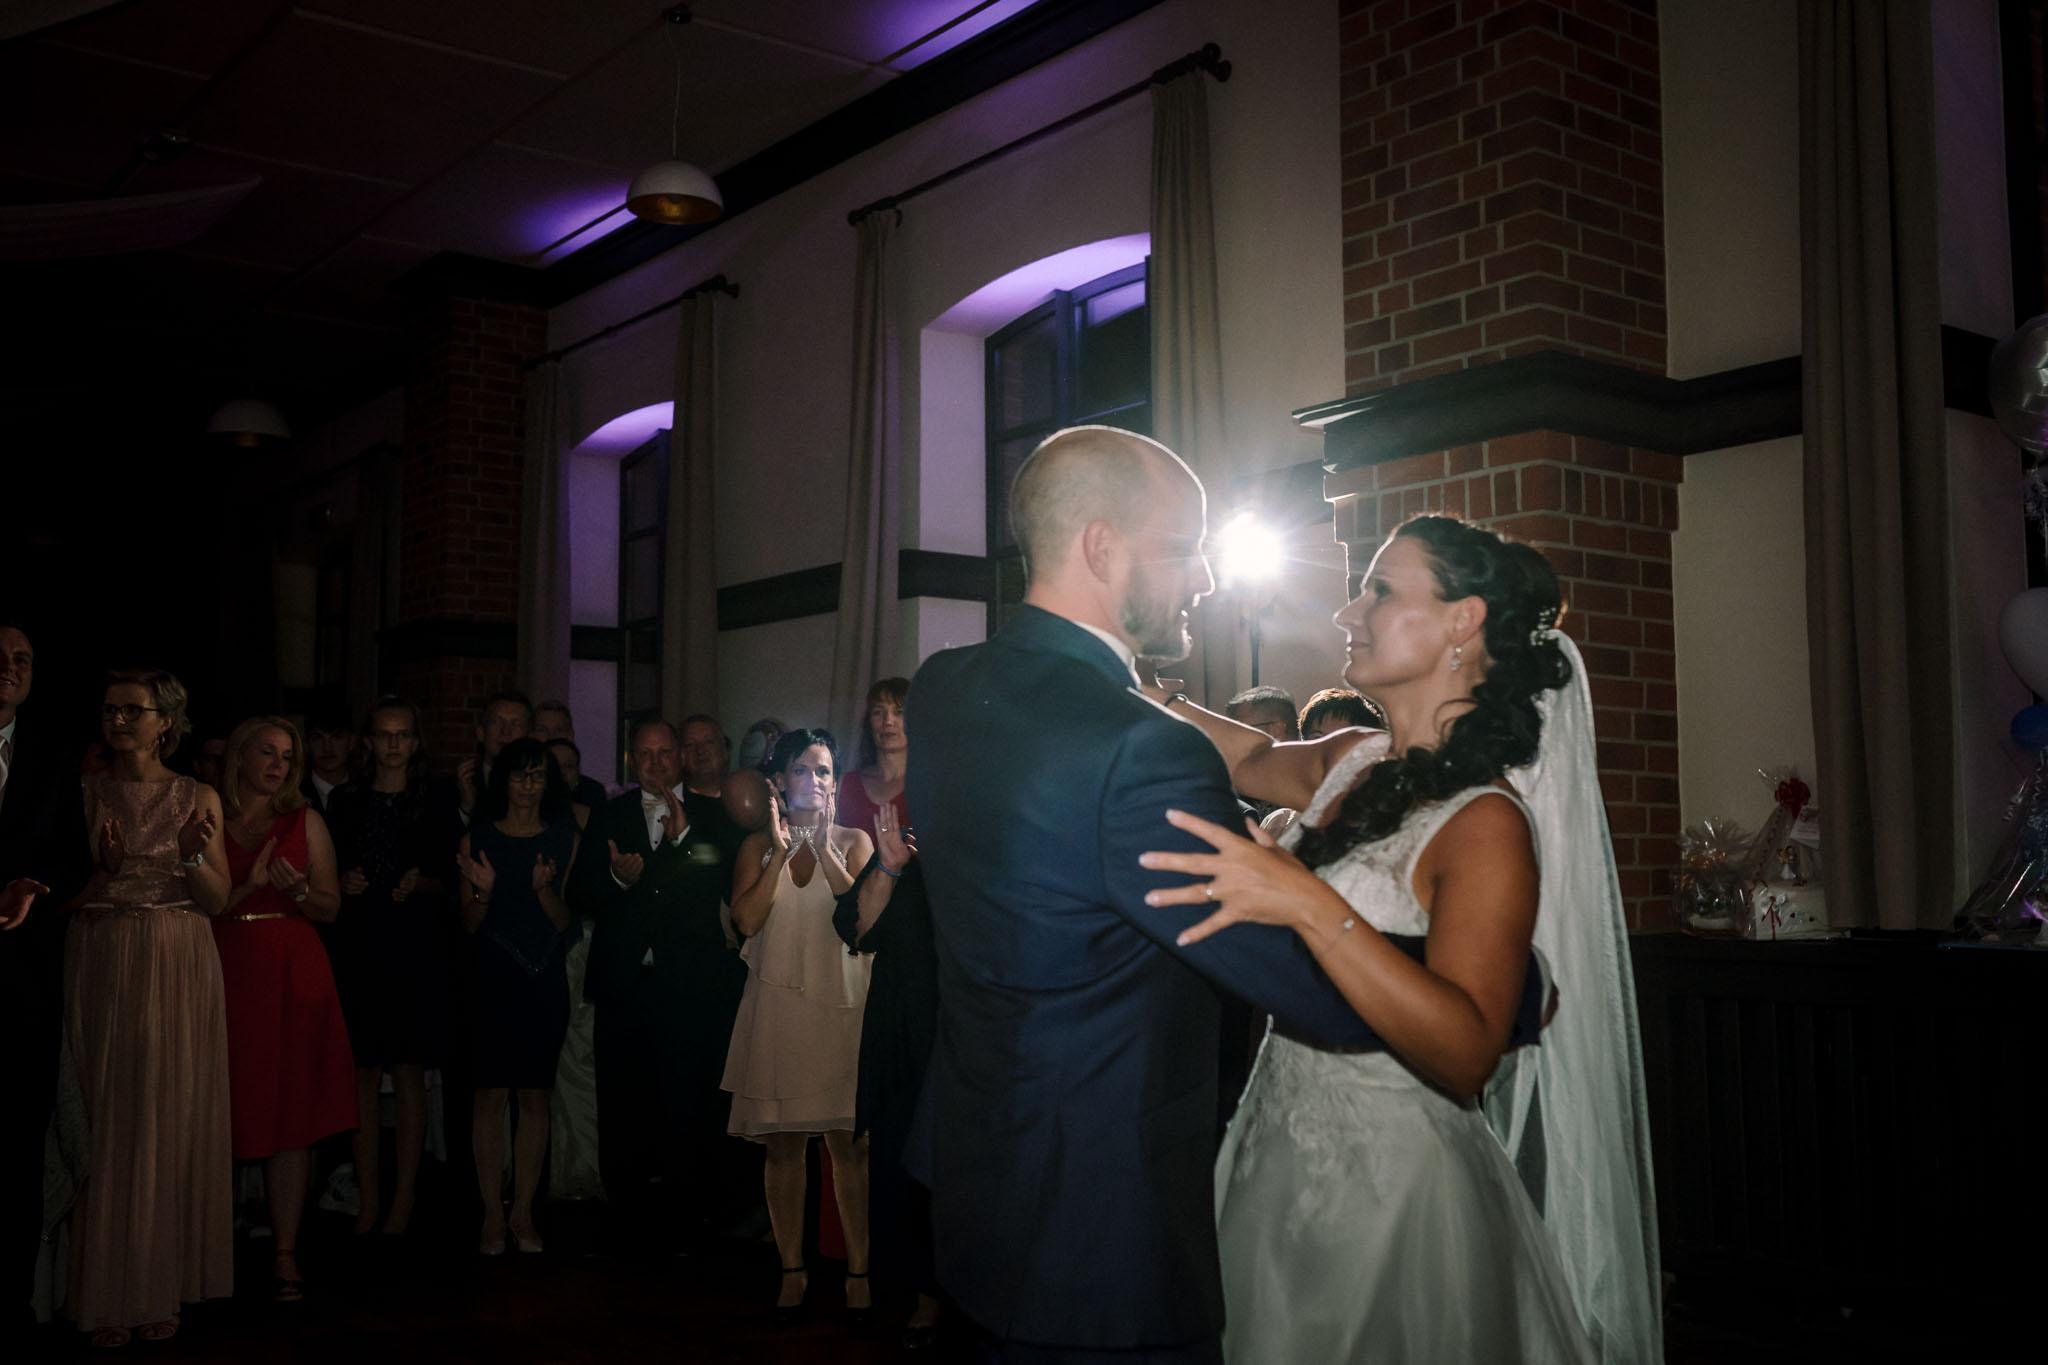 Hochzeitsfieber by Photo-Schomburg, Hochzeitsfotograf, Hamburg,Hochzeitstag, Hochzeitspaar, Braut, Bräutigam, Literaturhauscafe Zarrentin-104